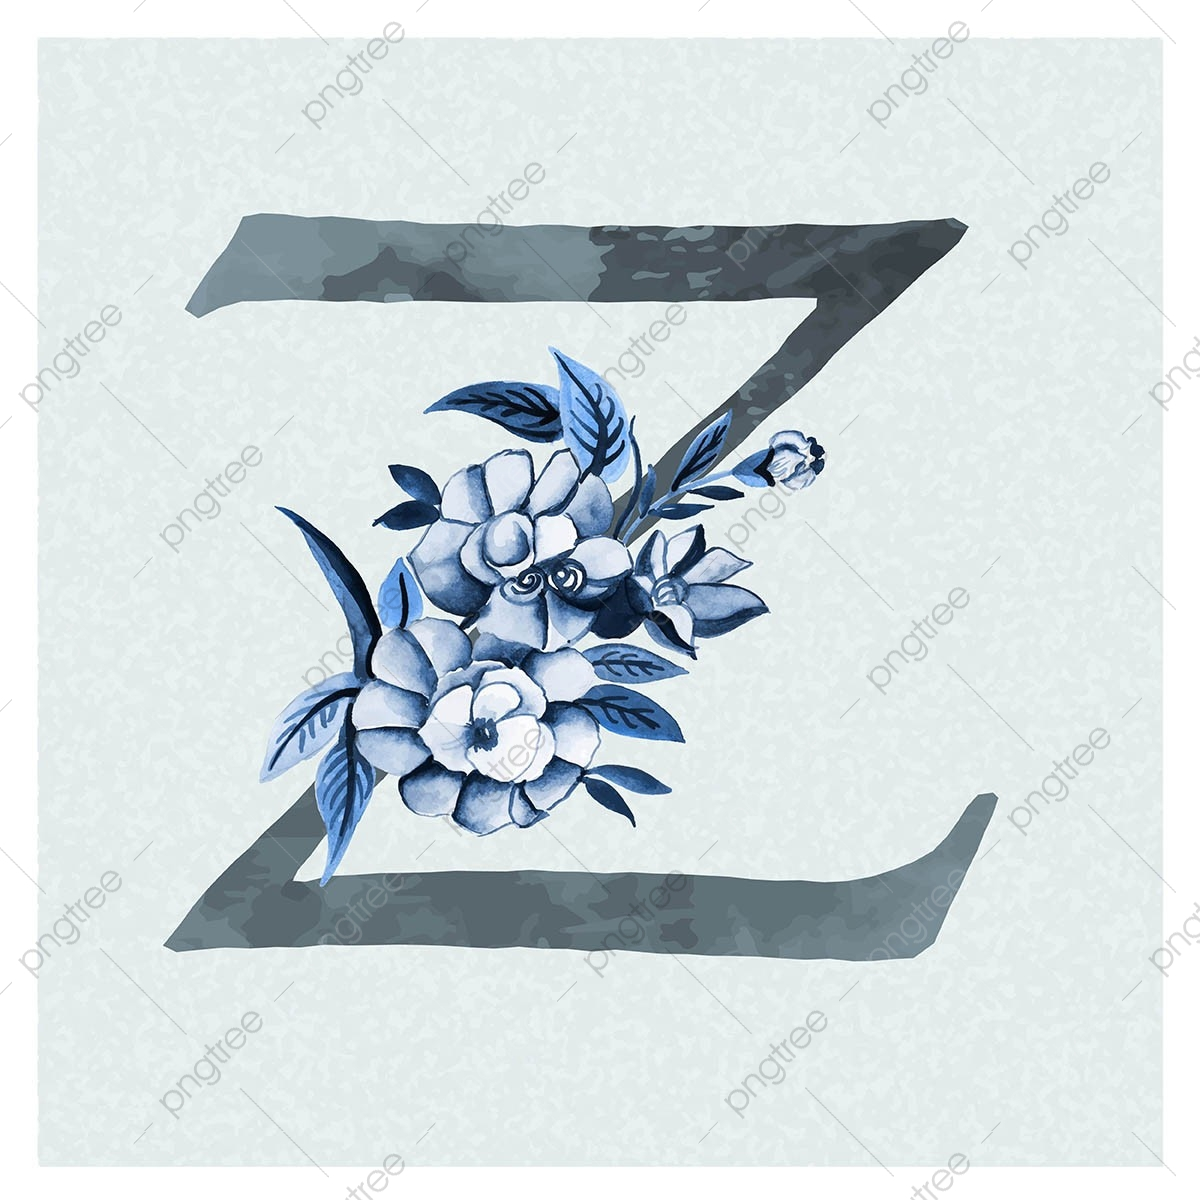 ألوان مائية الزهور الخلفية باللون الأزرق موضوع حرف زد ألوان مائية لون باللون Png والمتجهات للتحميل مجانا